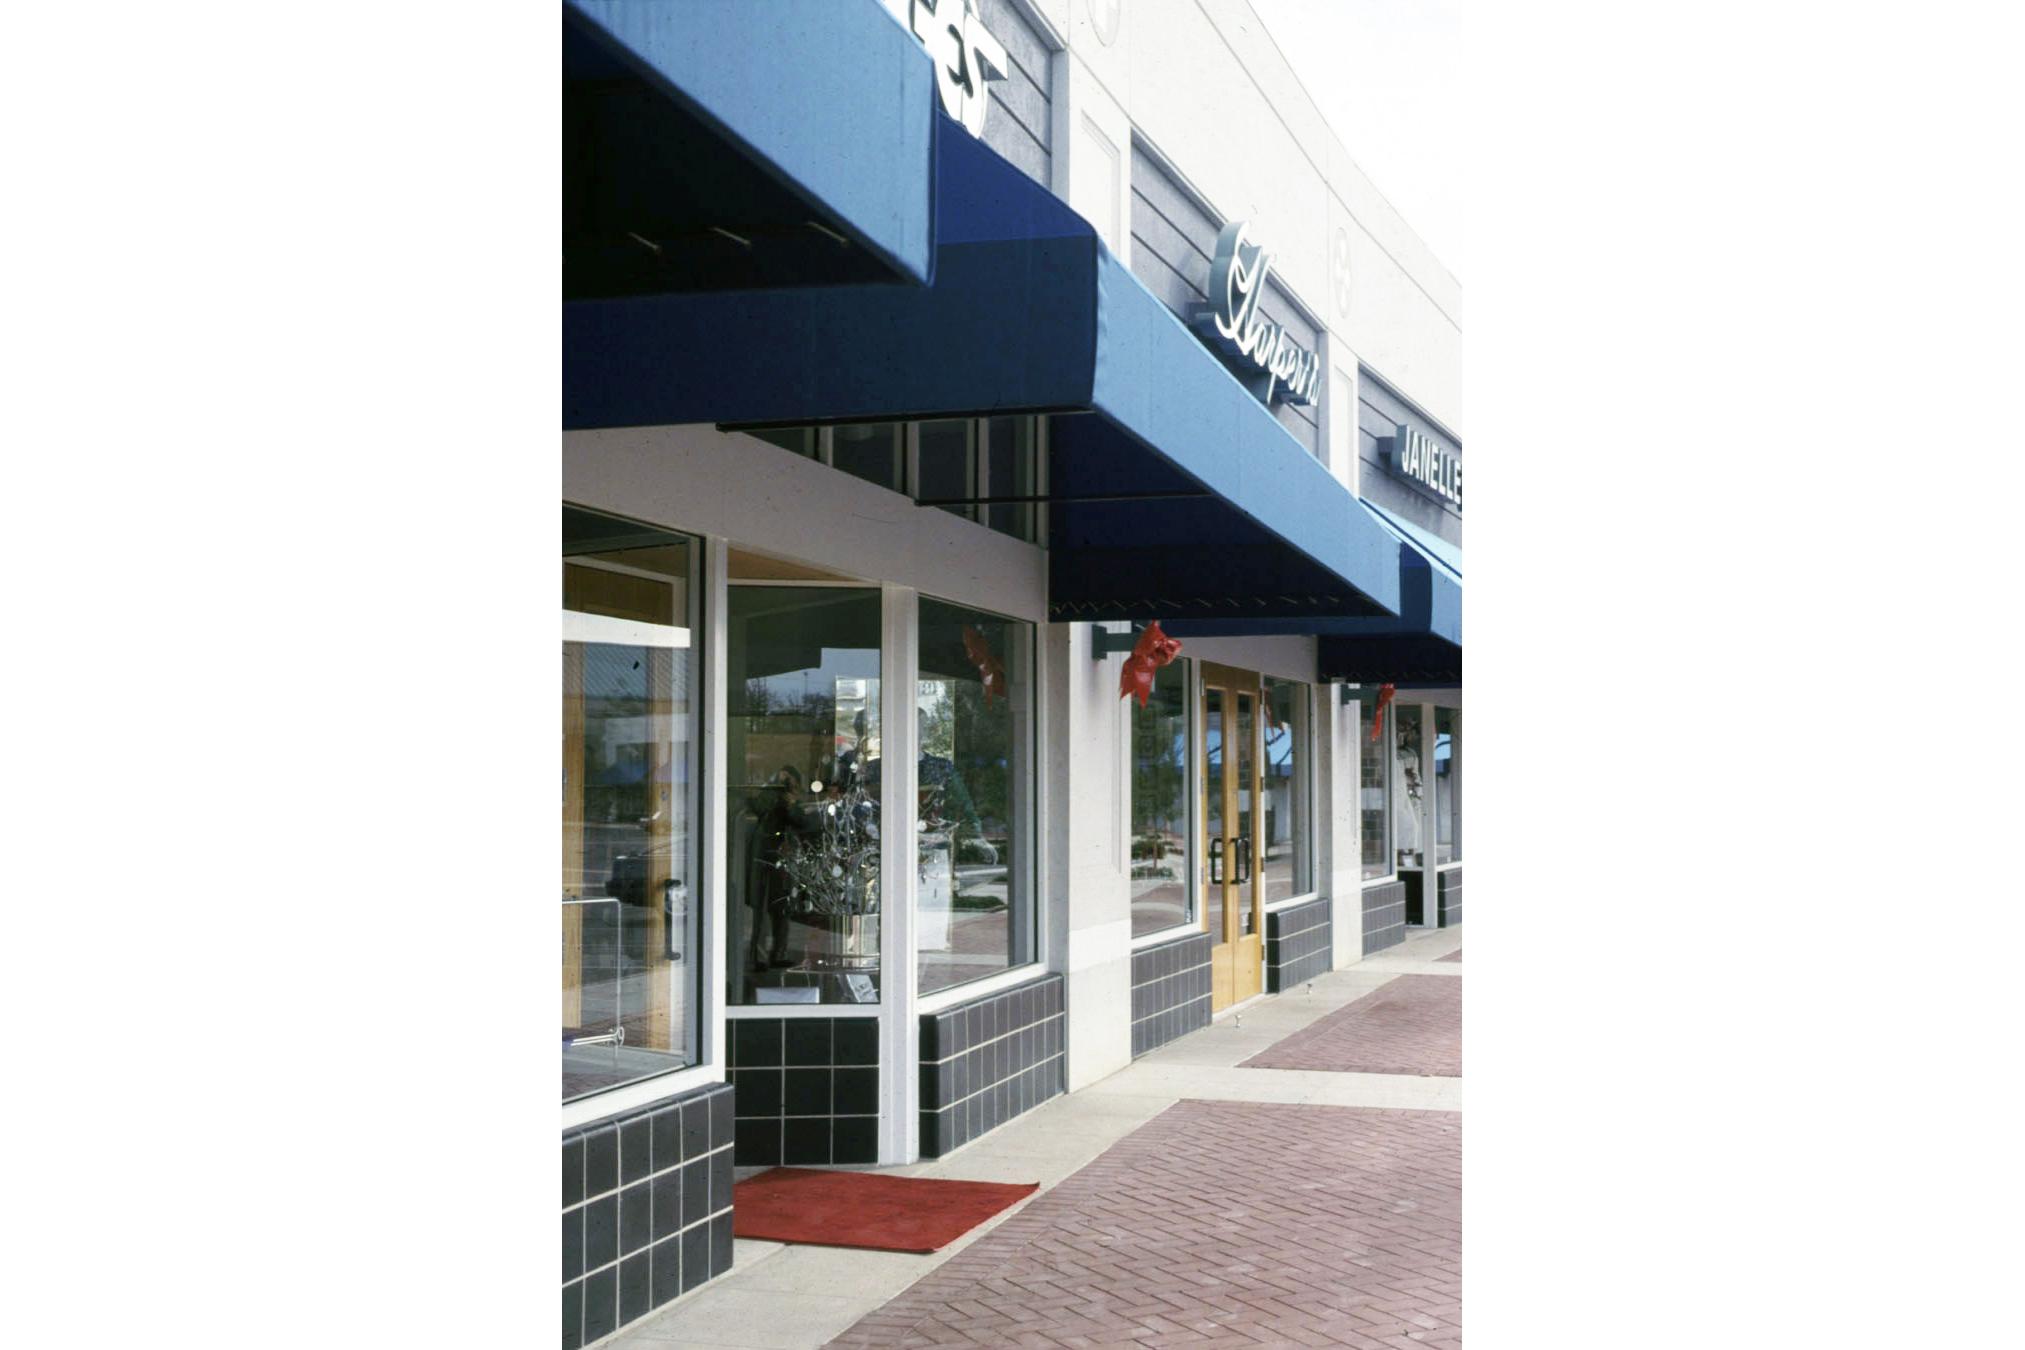 Lakewood Village Shopping Center